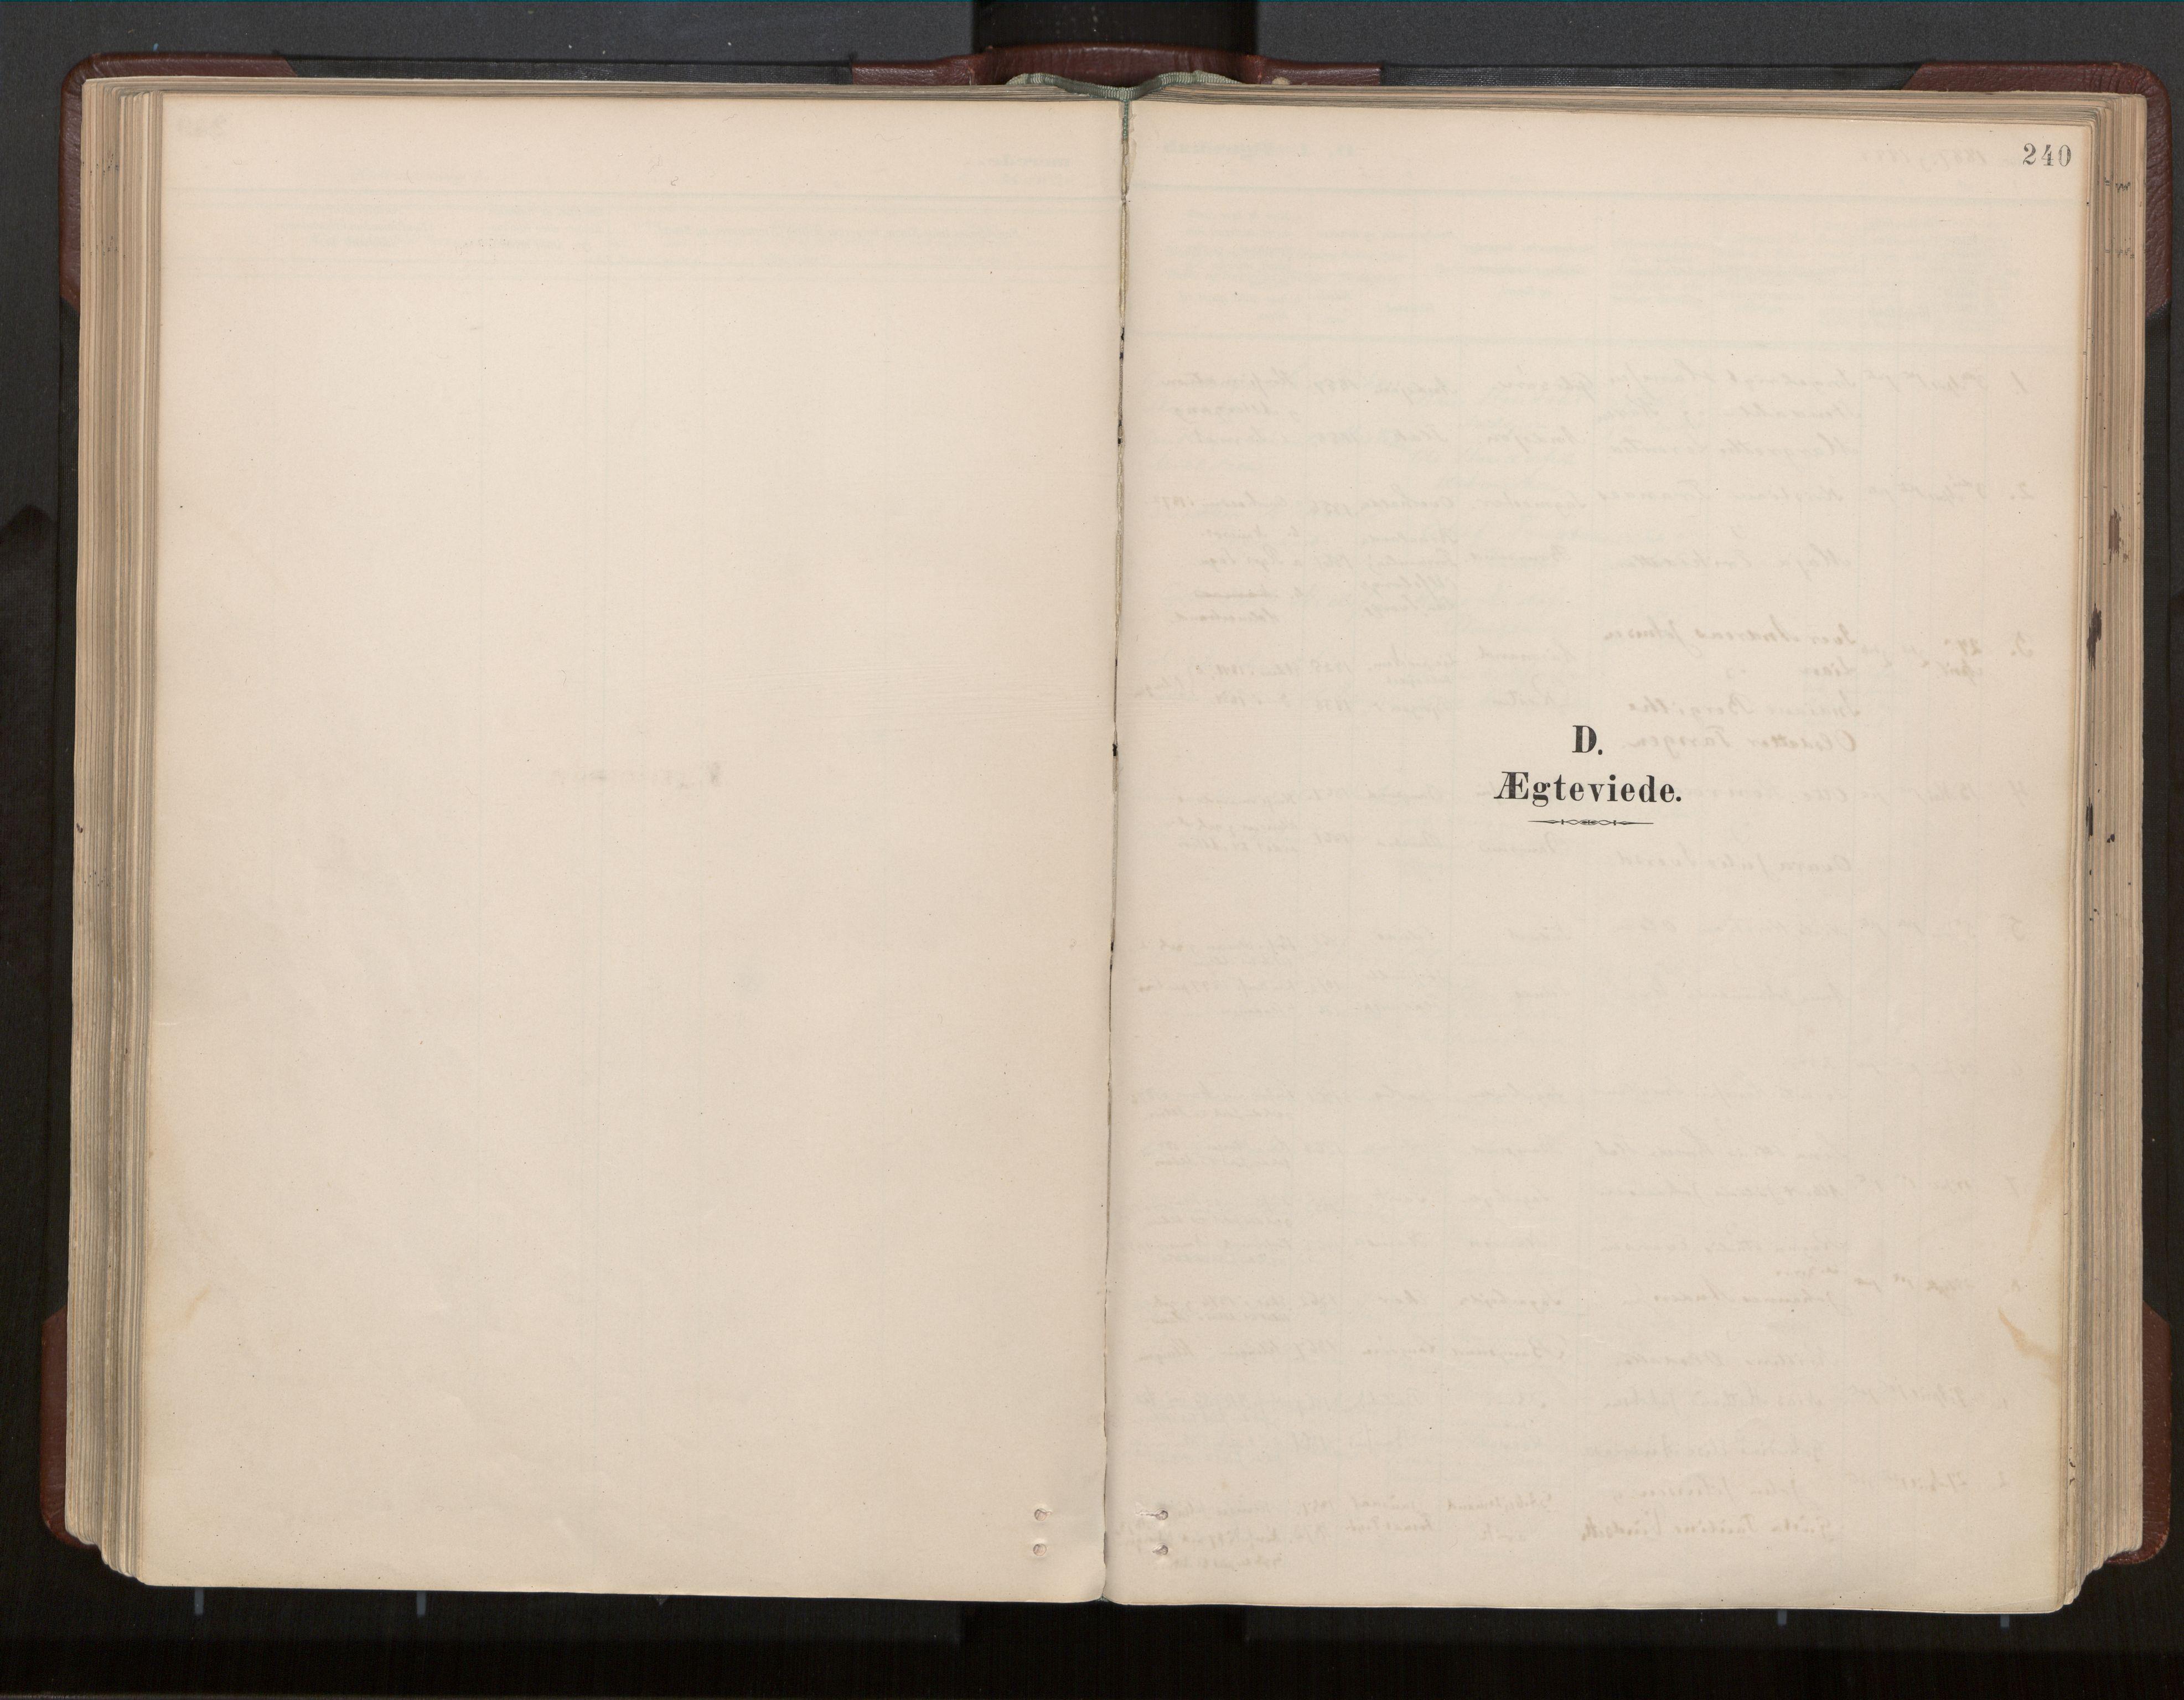 SAT, Ministerialprotokoller, klokkerbøker og fødselsregistre - Nord-Trøndelag, 770/L0589: Ministerialbok nr. 770A03, 1887-1929, s. 240